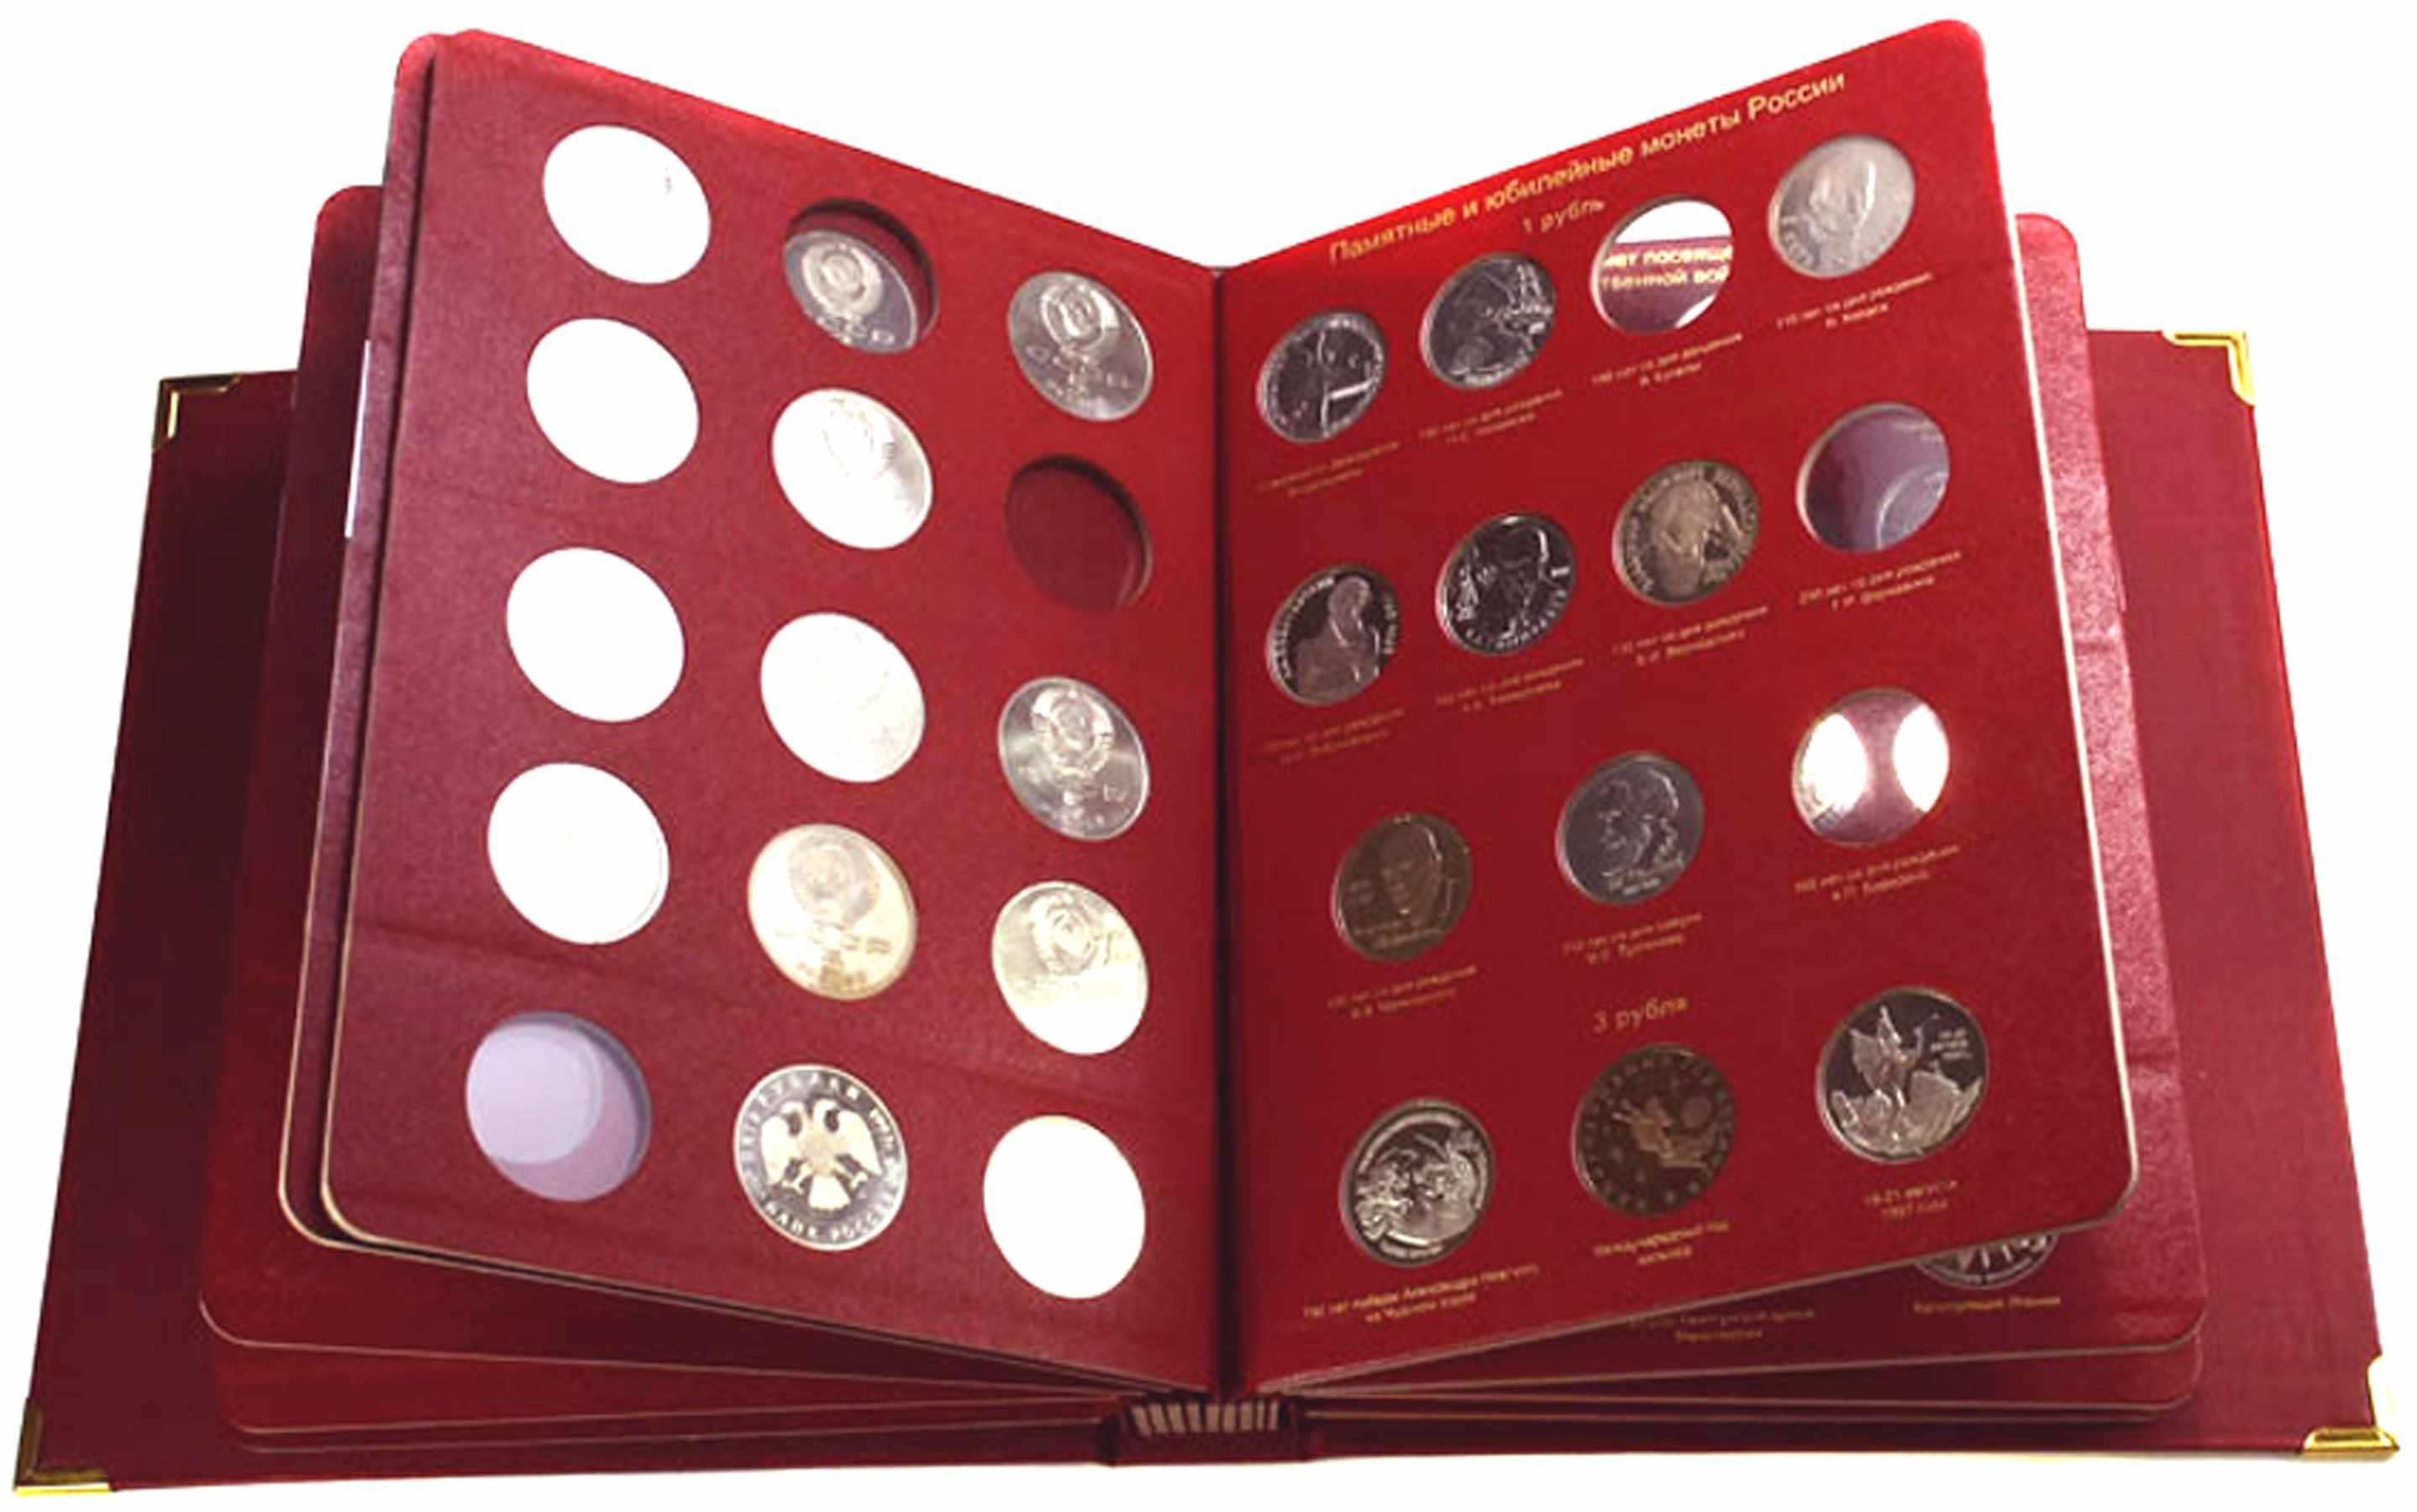 Альбом для монет Коллекционеръ, официальный сайт